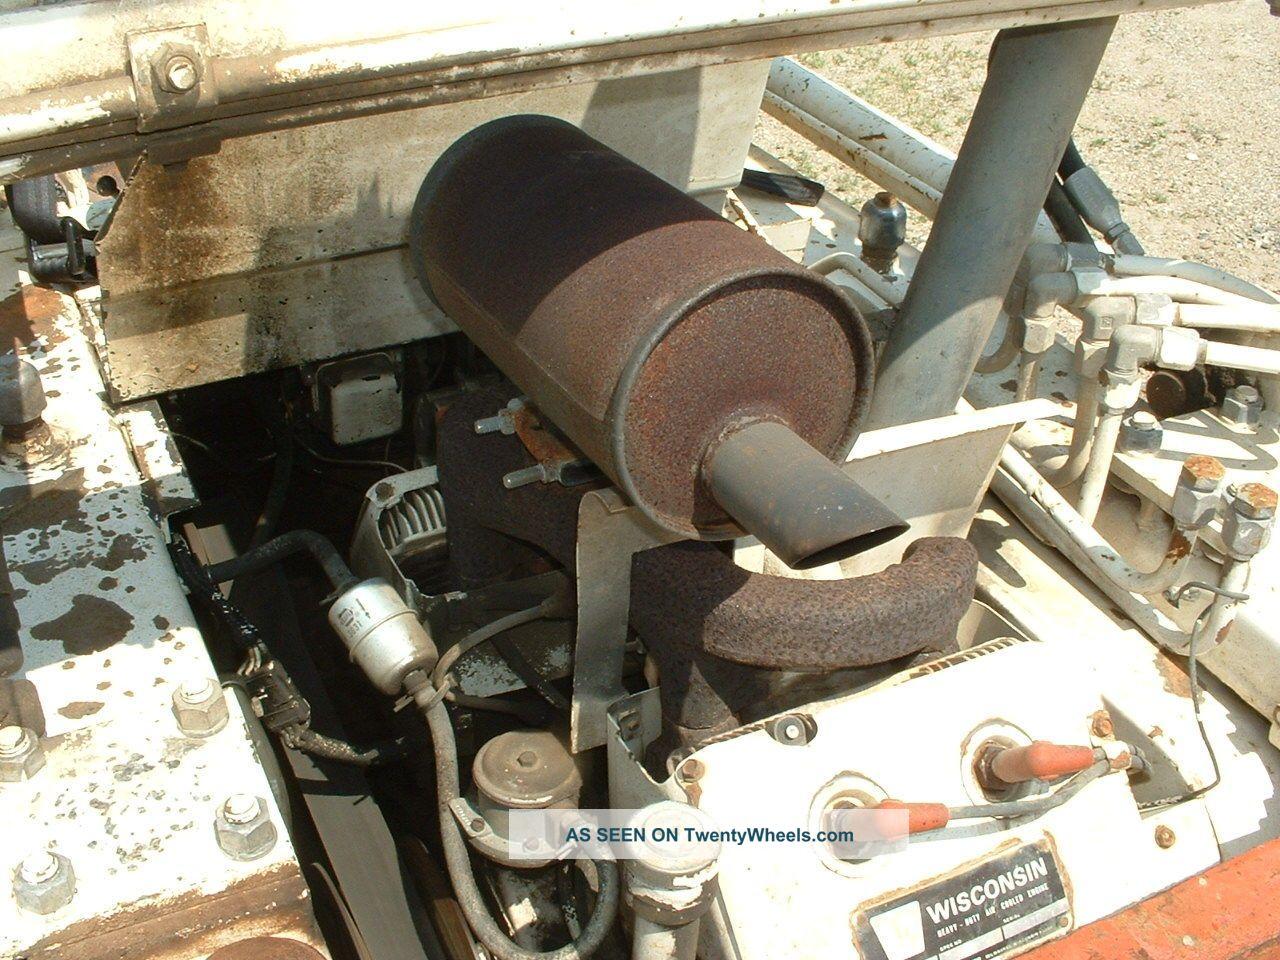 1973 Bobcat 610 Skid Steer Loader Gas